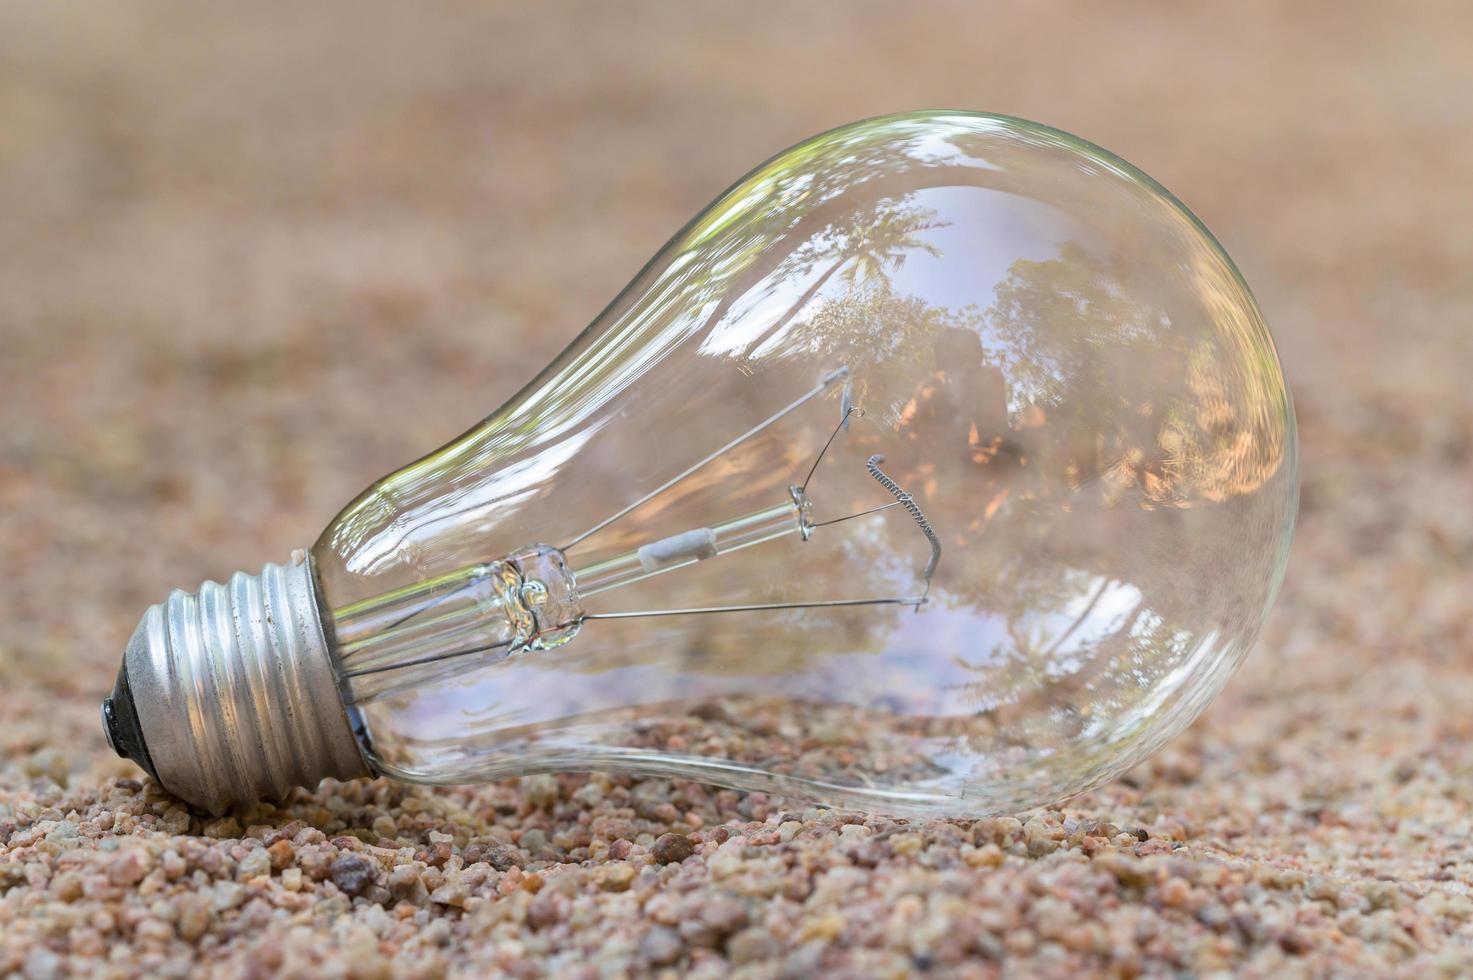 bombilla de luz en la arena foto